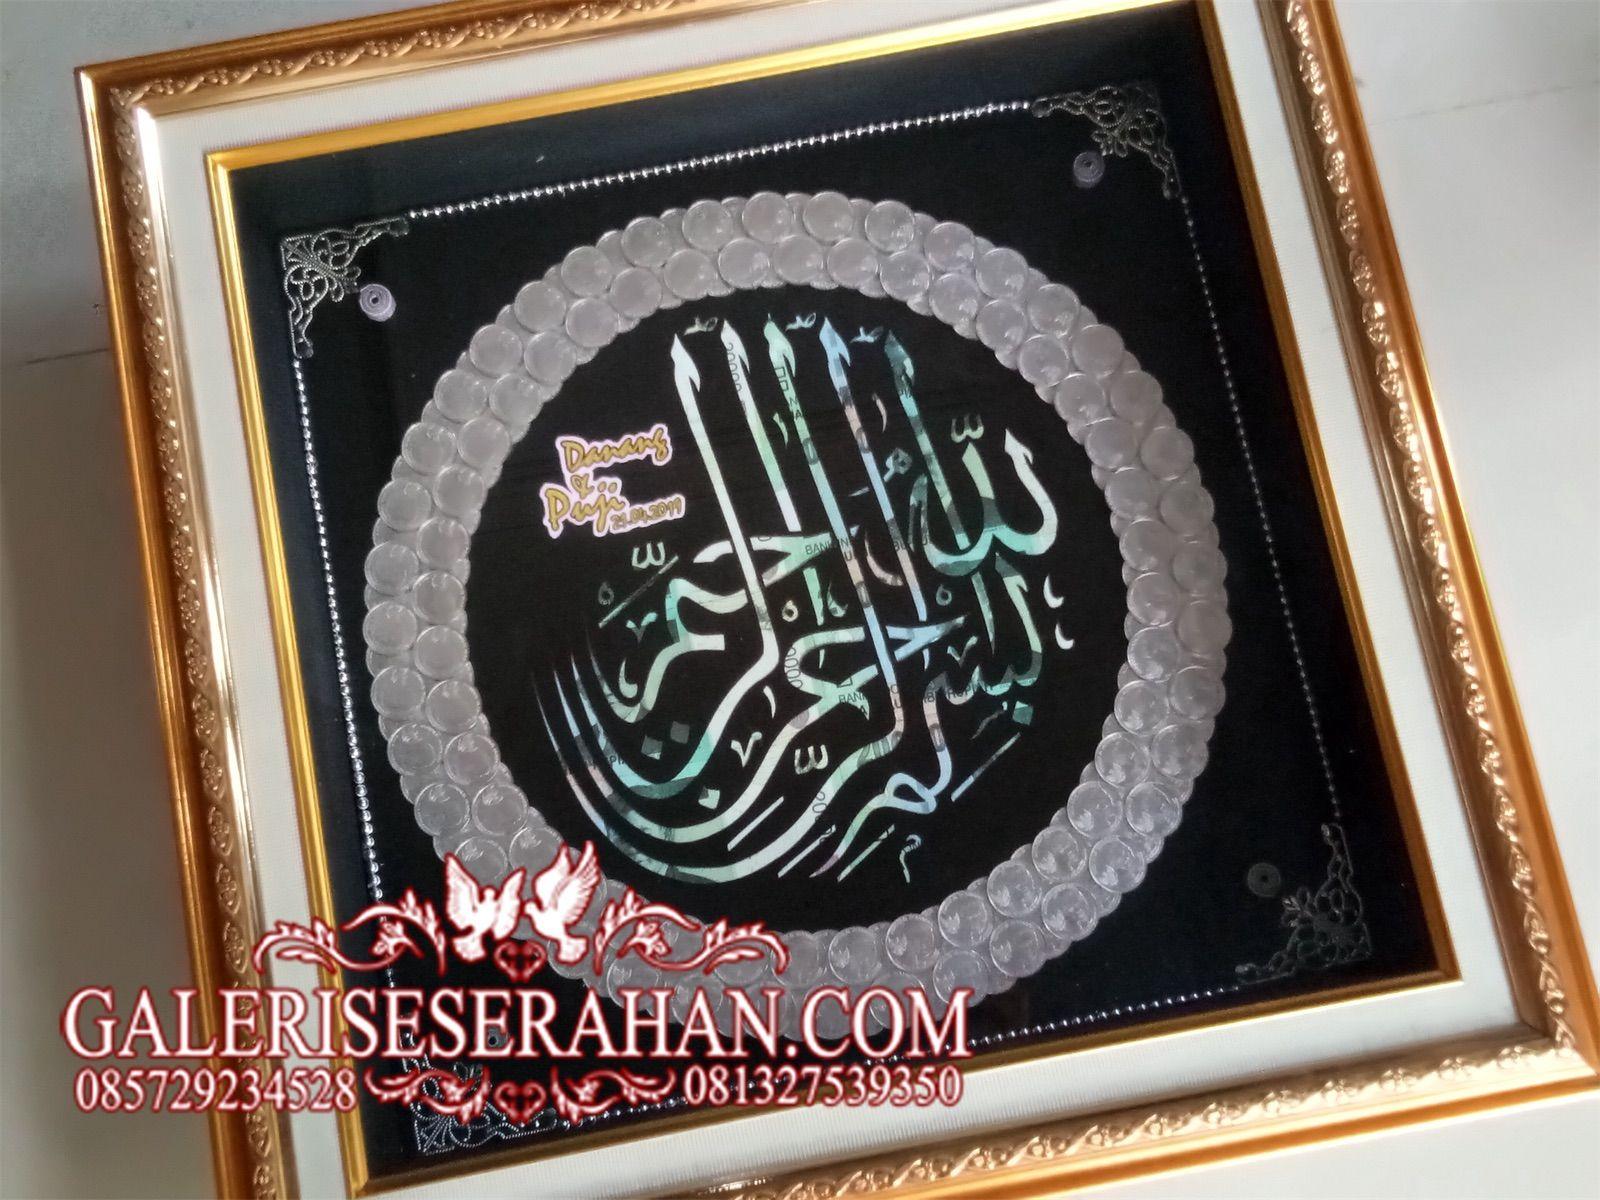 Mahar uang bentuk kaligrafi bismillah dengan hiasan koin